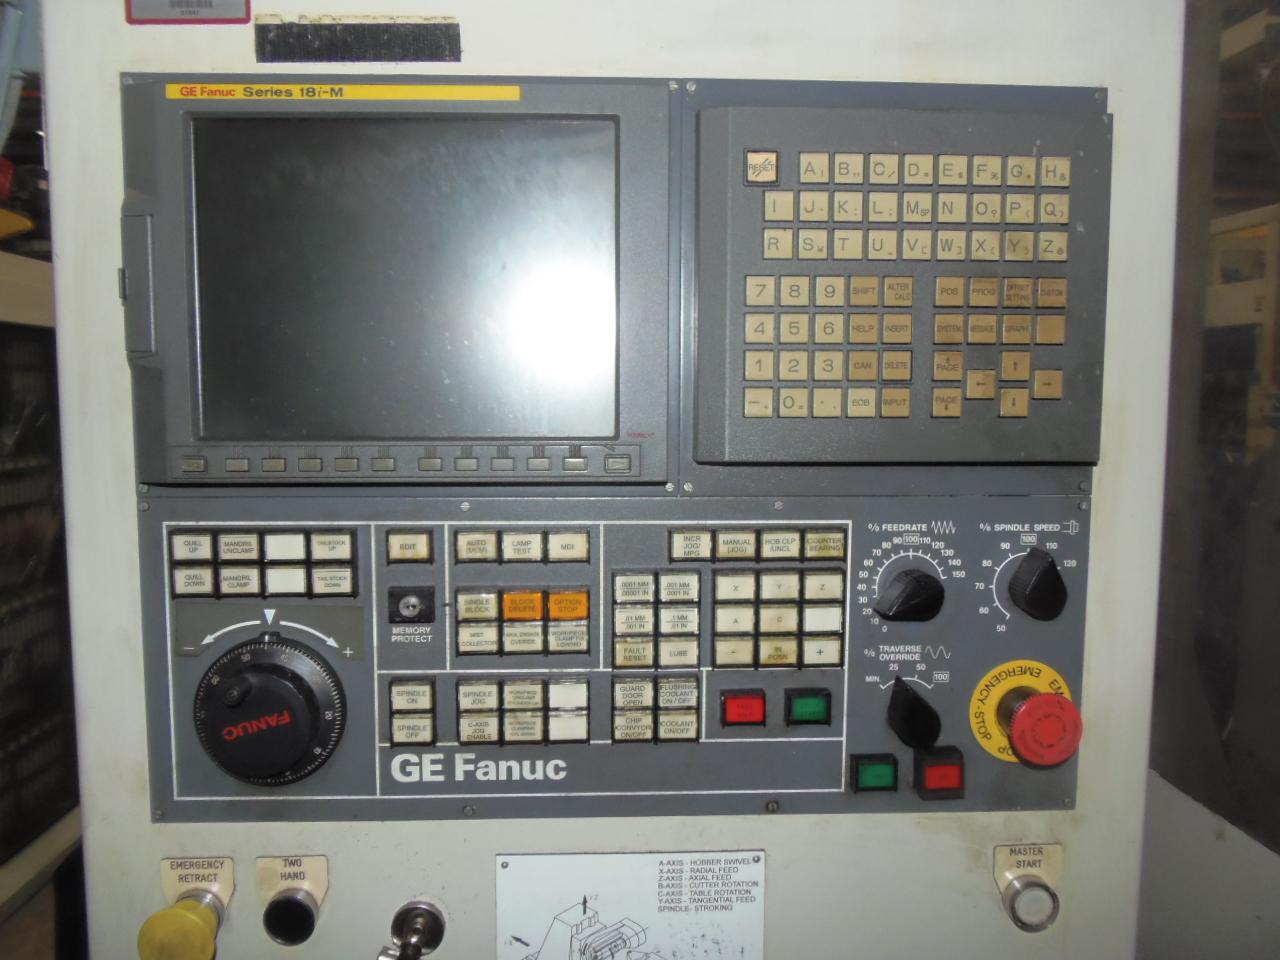 LIEBHERR 5 AXIS GEAR HOB, MODEL LC-255, FANUC 18i-MA, REBUILT/RETROFIT 2006,